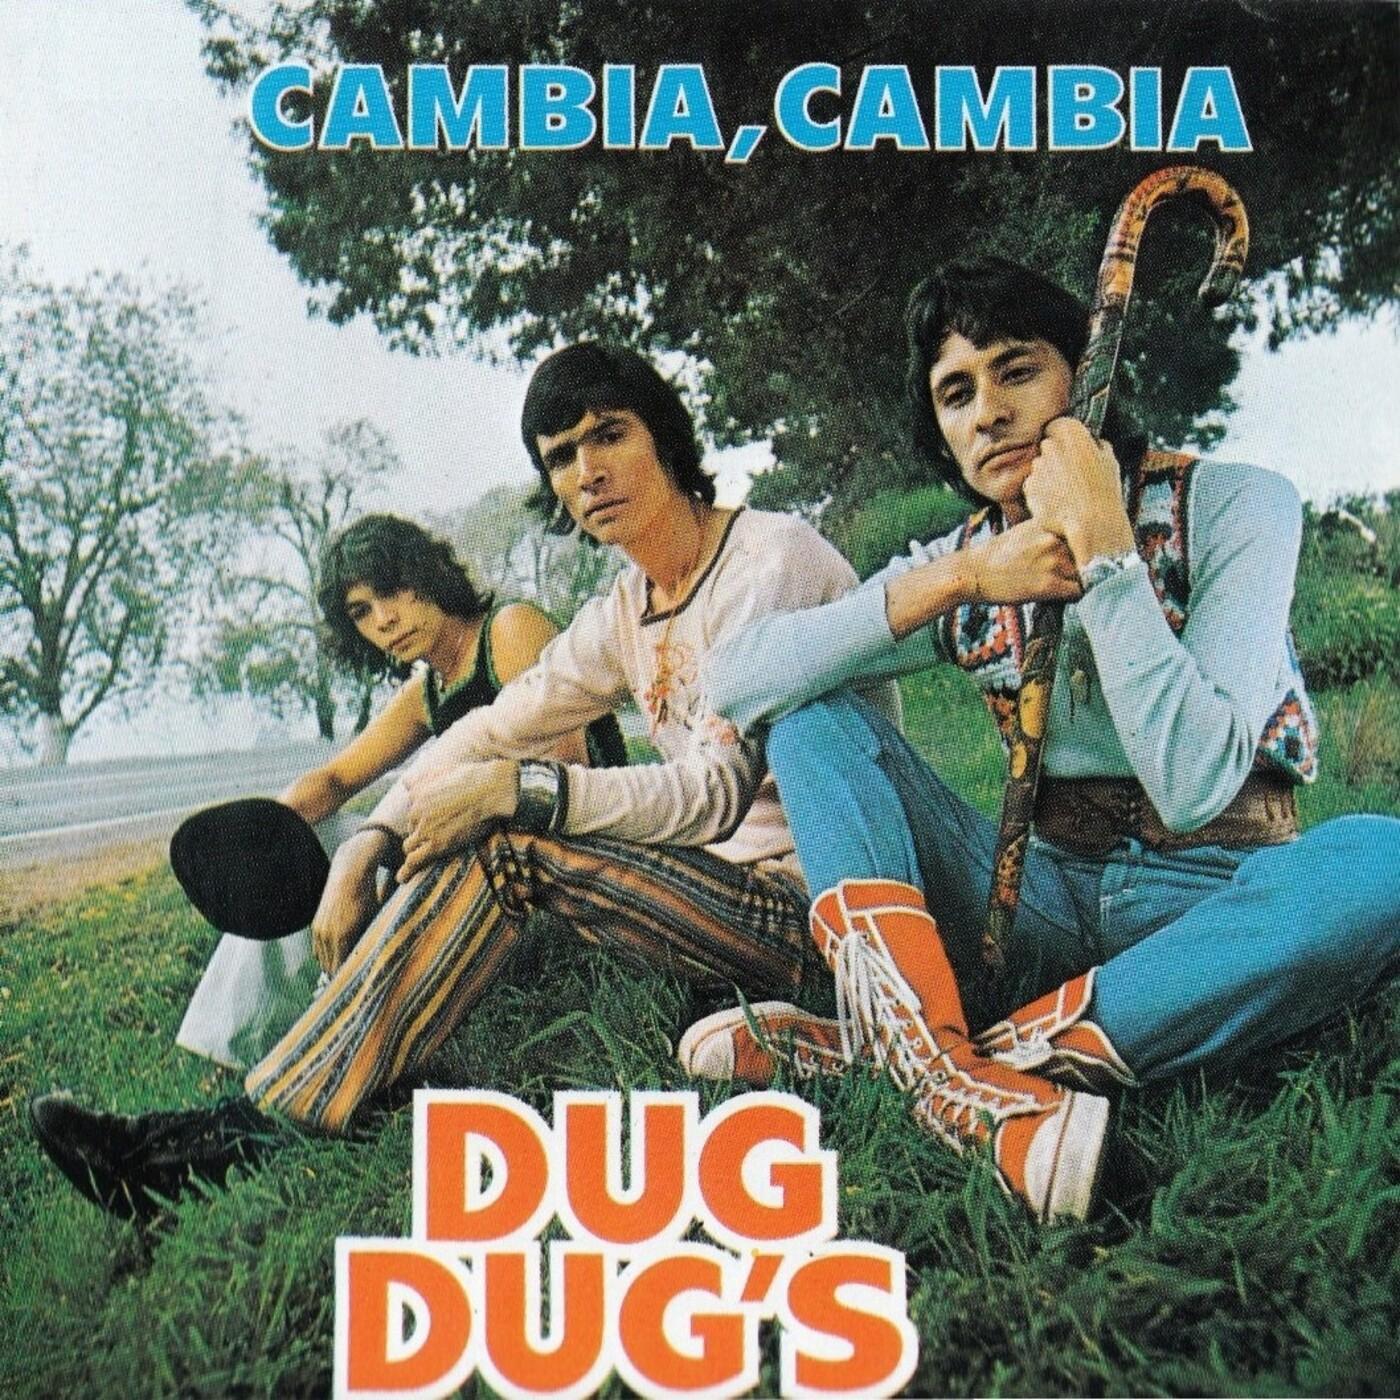 Los Dug Dug's - Cambia Cambia